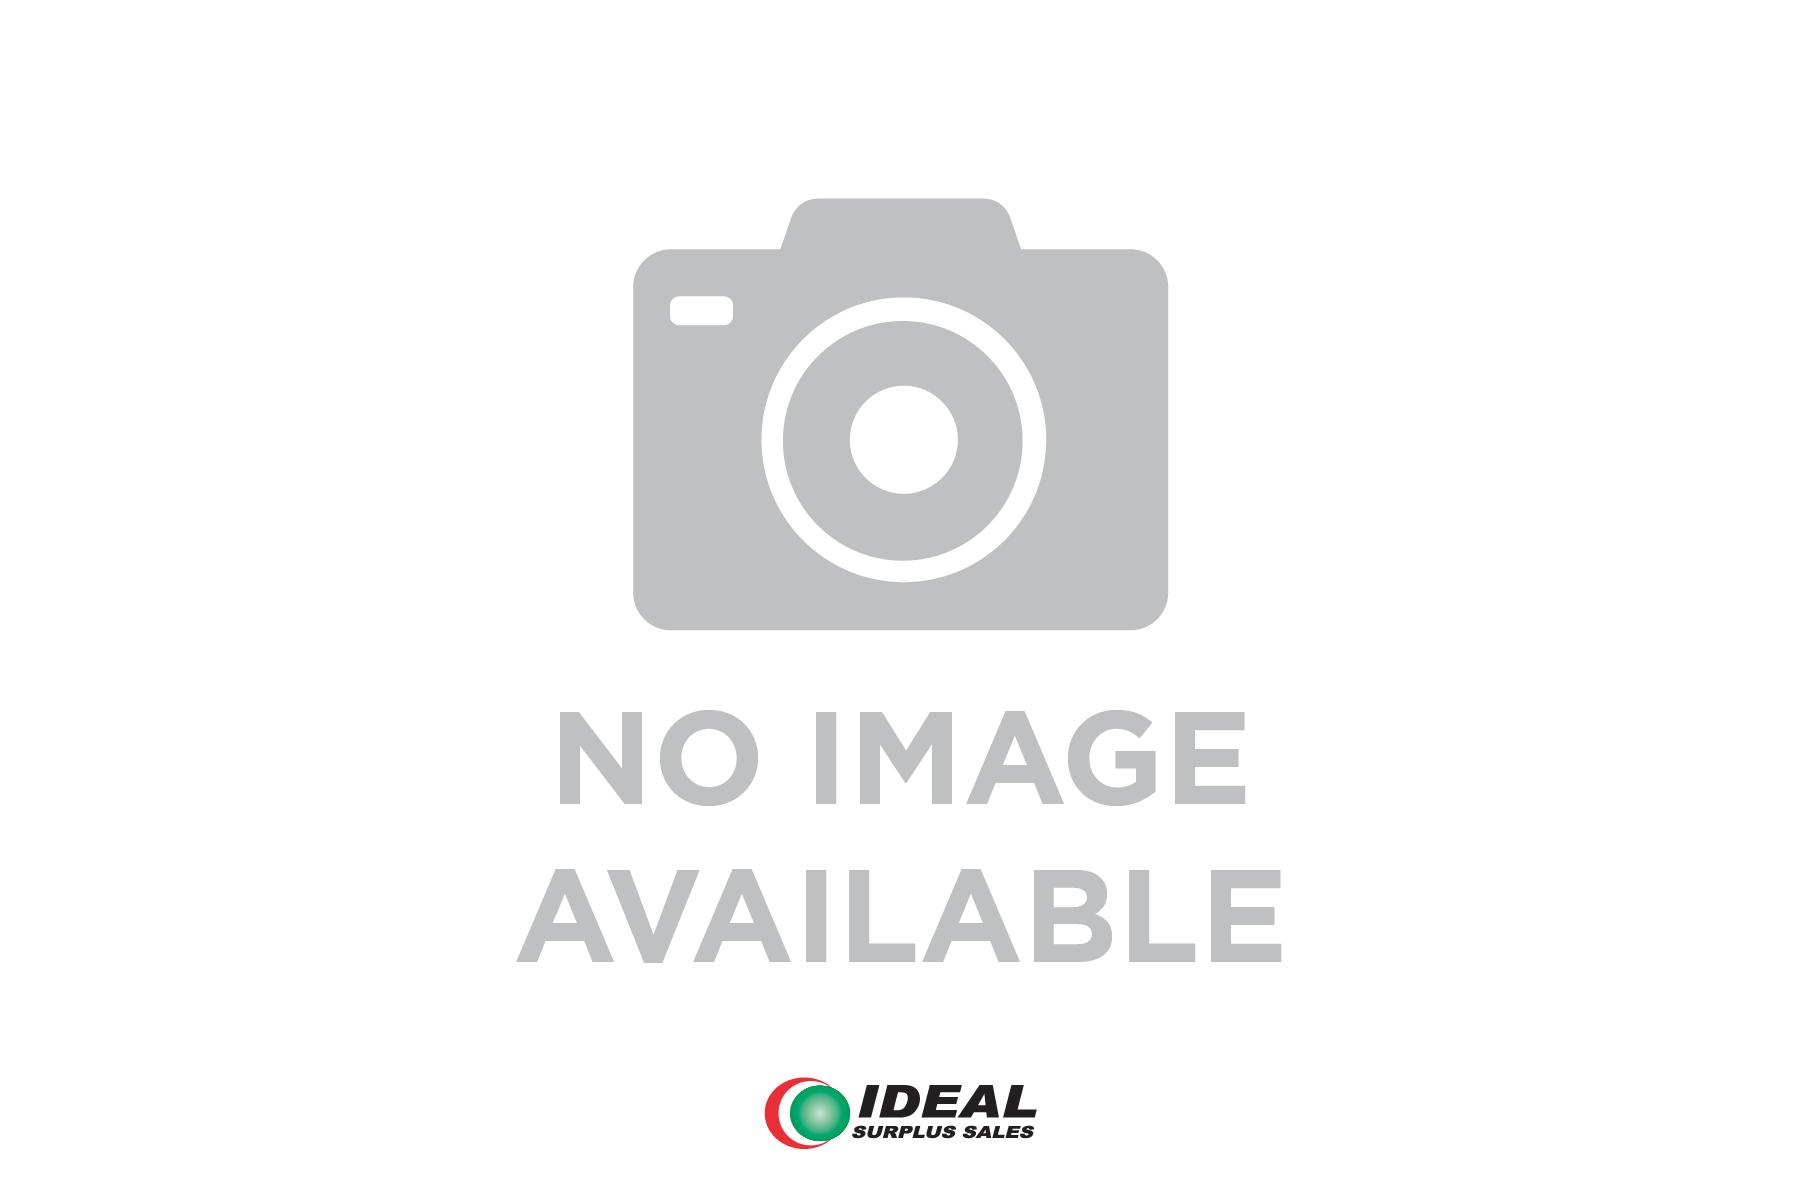 BALDOR 35P432Z170 MOTOR